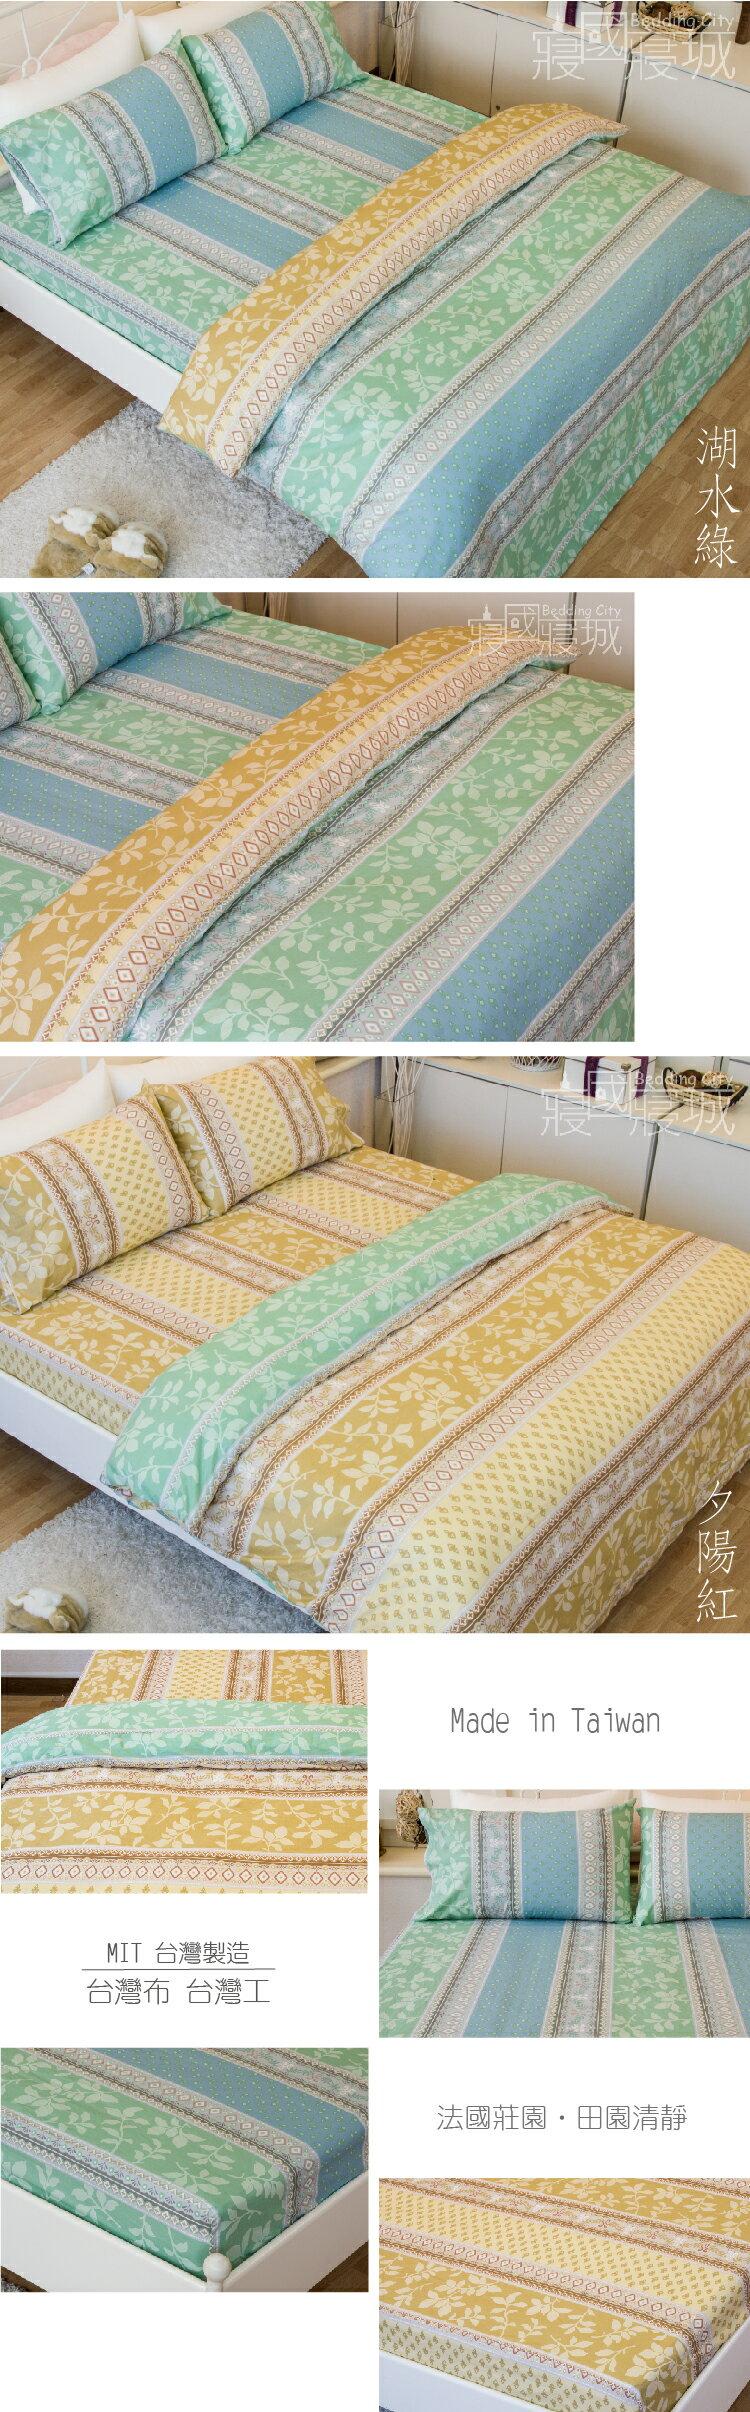 單人床包+被套/100%精梳棉-多款花色可挑選【大鐘印染、台灣製造】 #精梳純綿 8